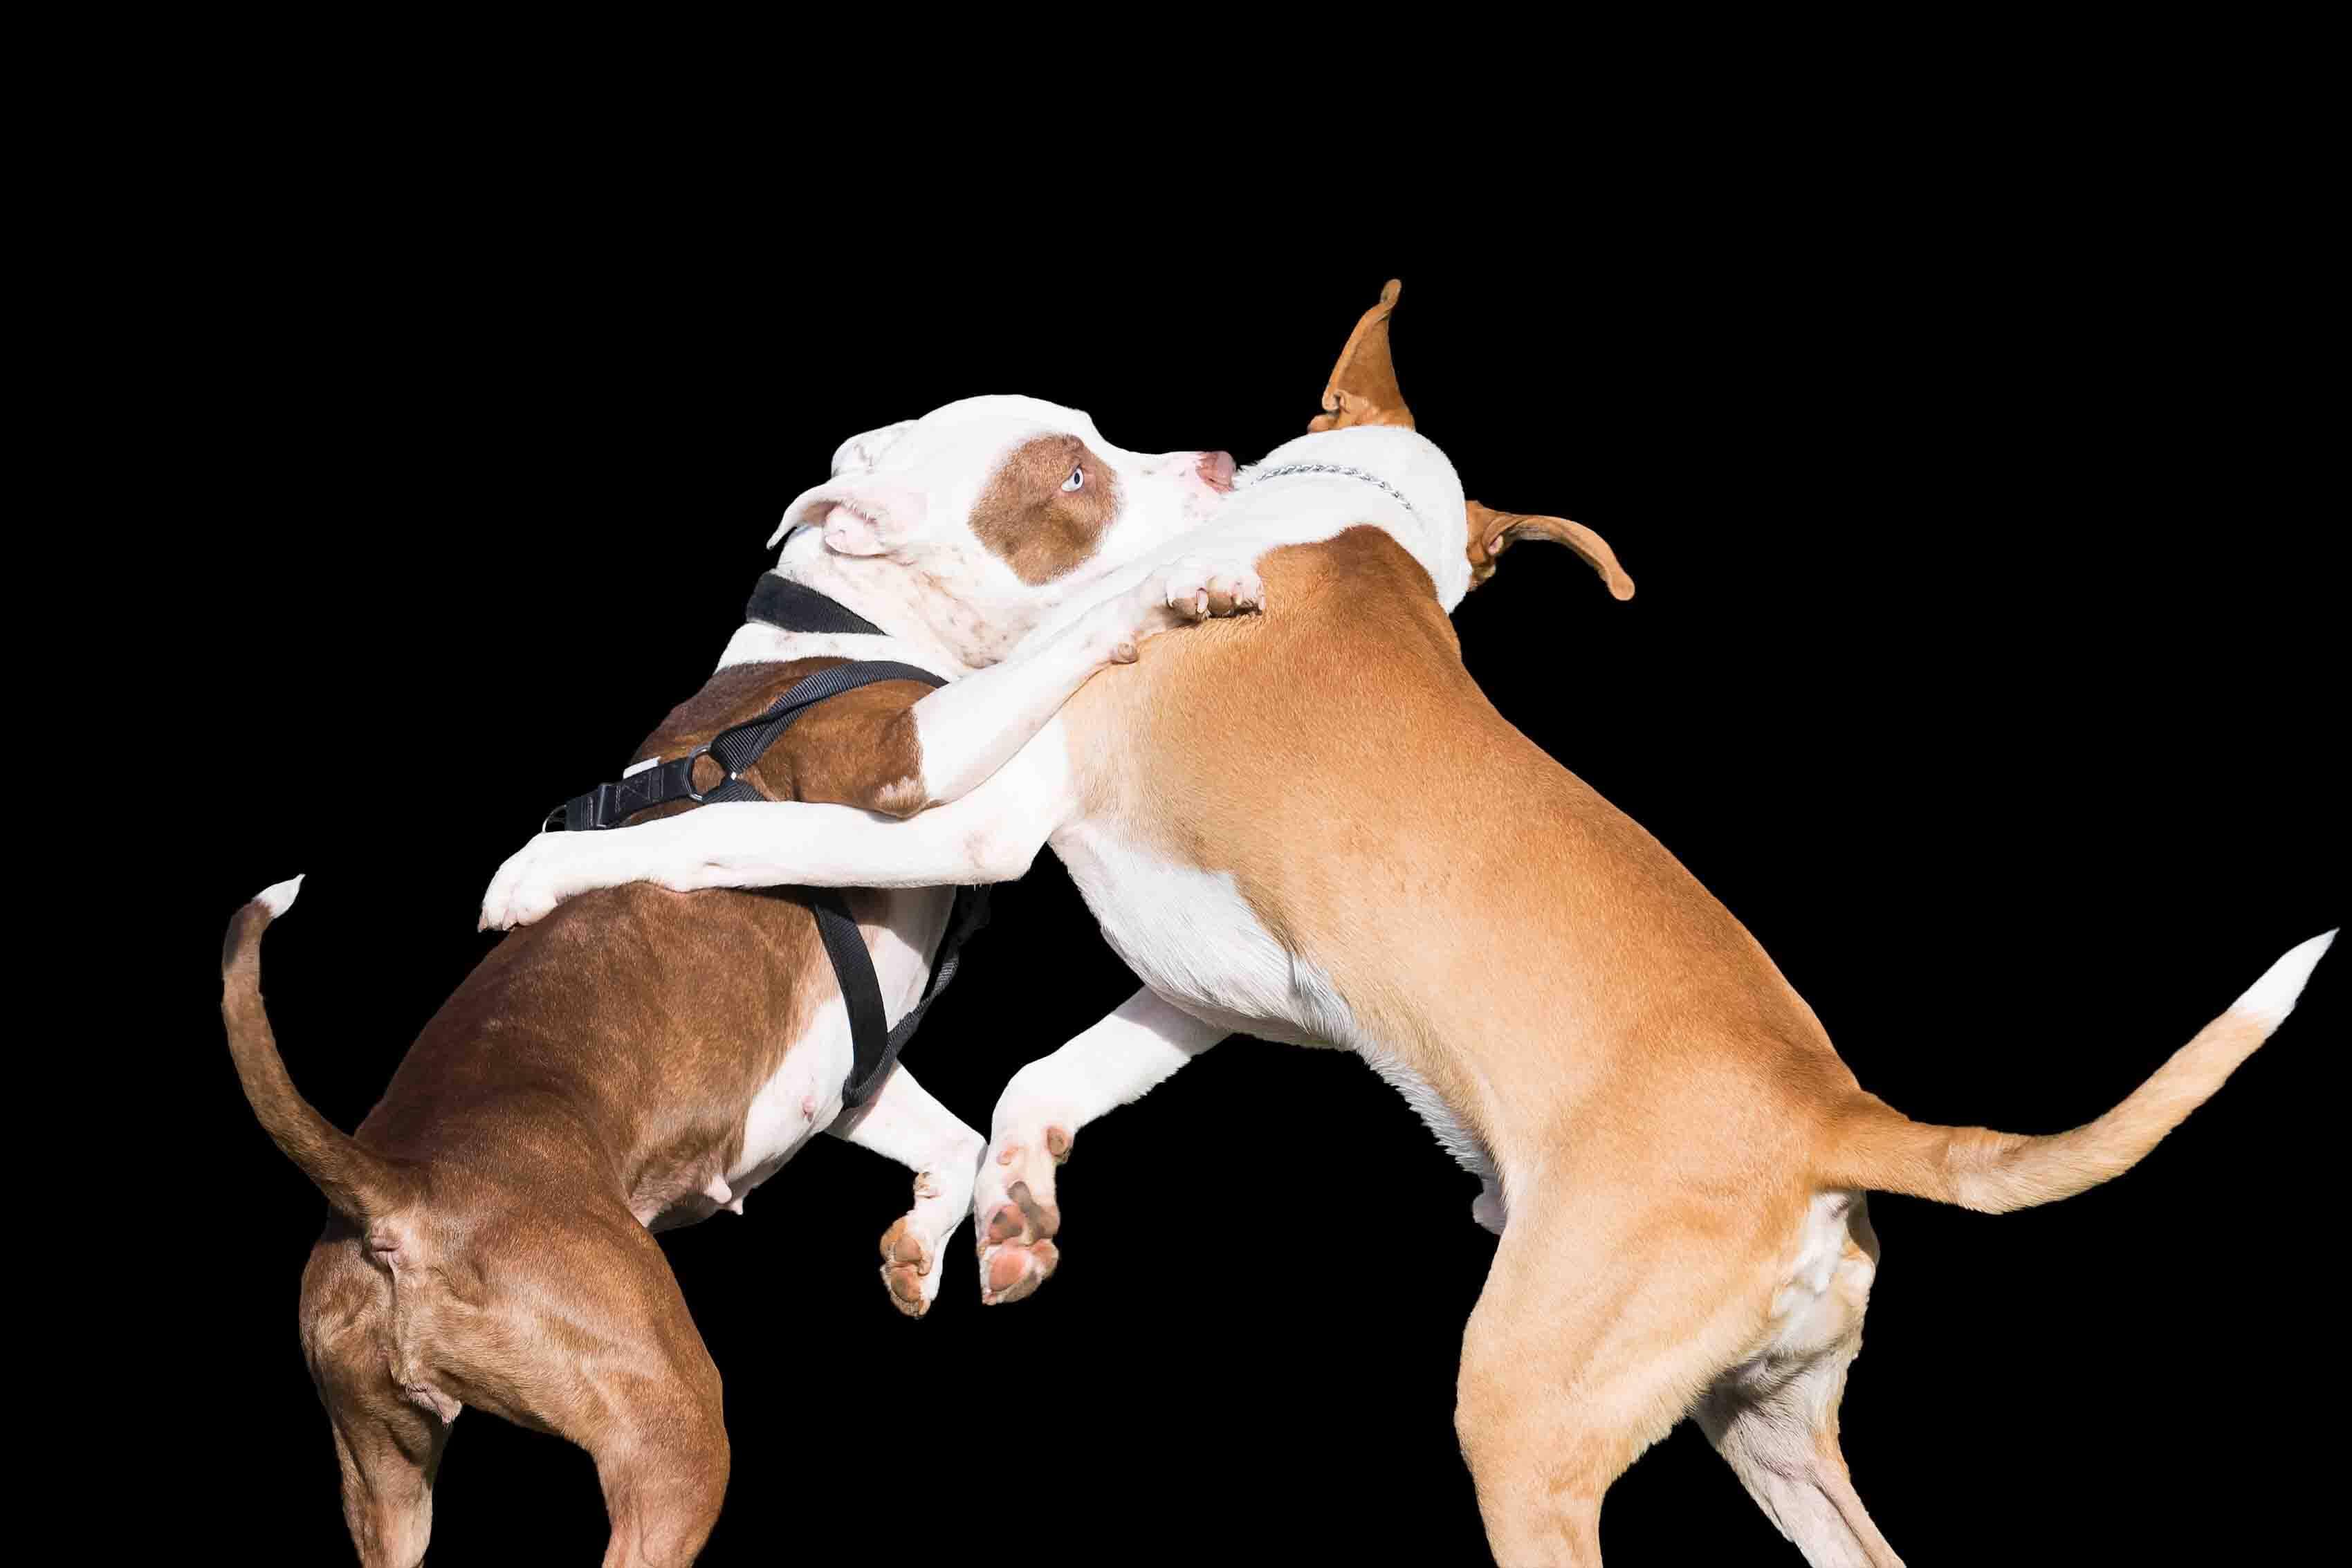 Deux chiens se battent sur fond noir